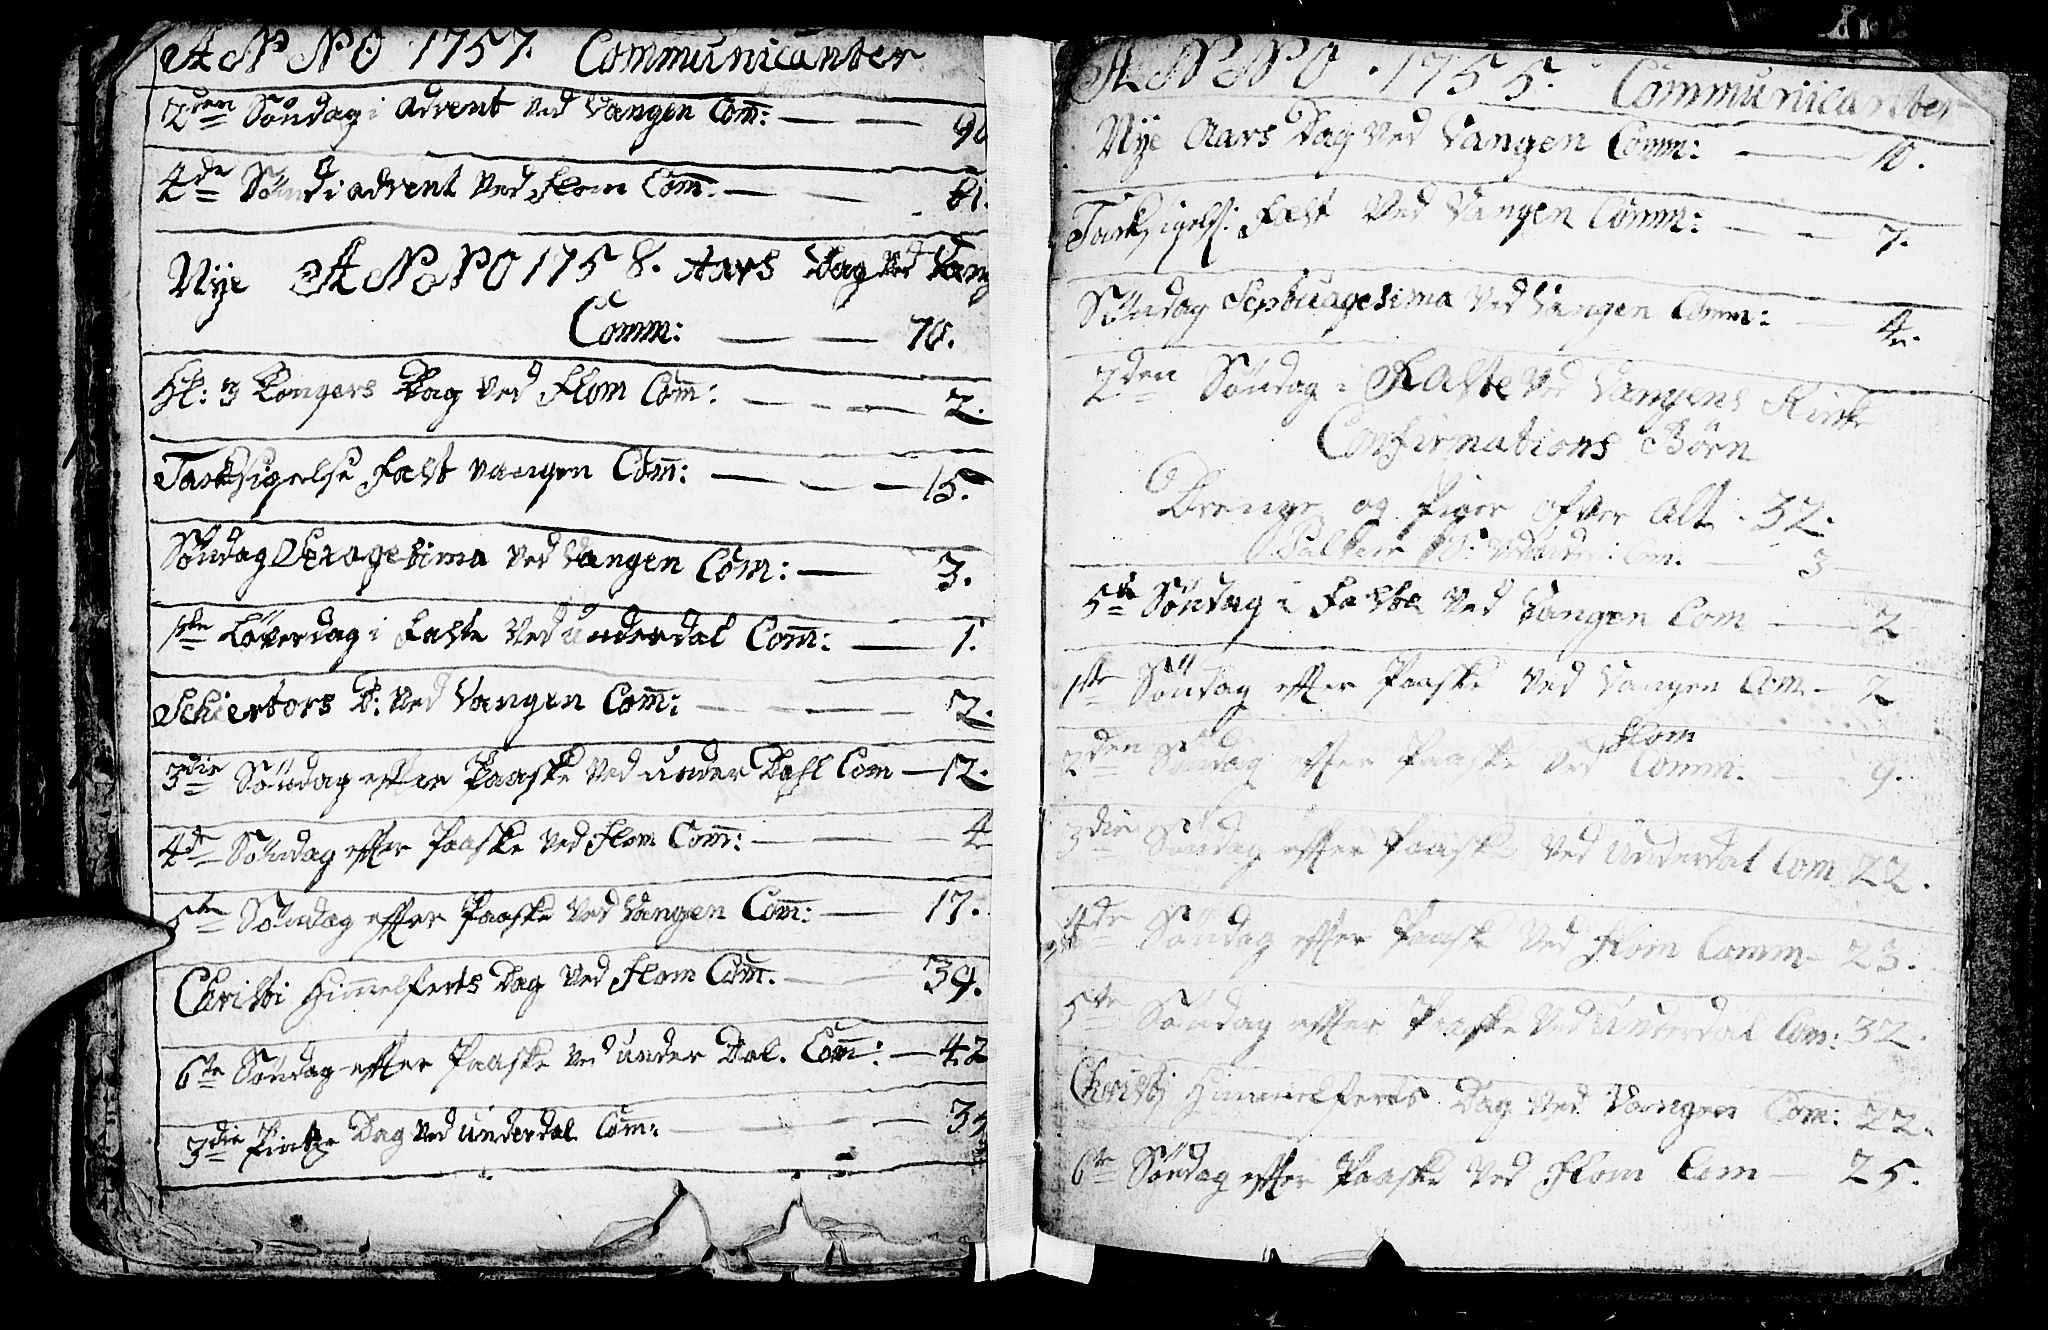 SAB, Aurland Sokneprestembete*, Ministerialbok nr. A 3, 1735-1761, s. 211